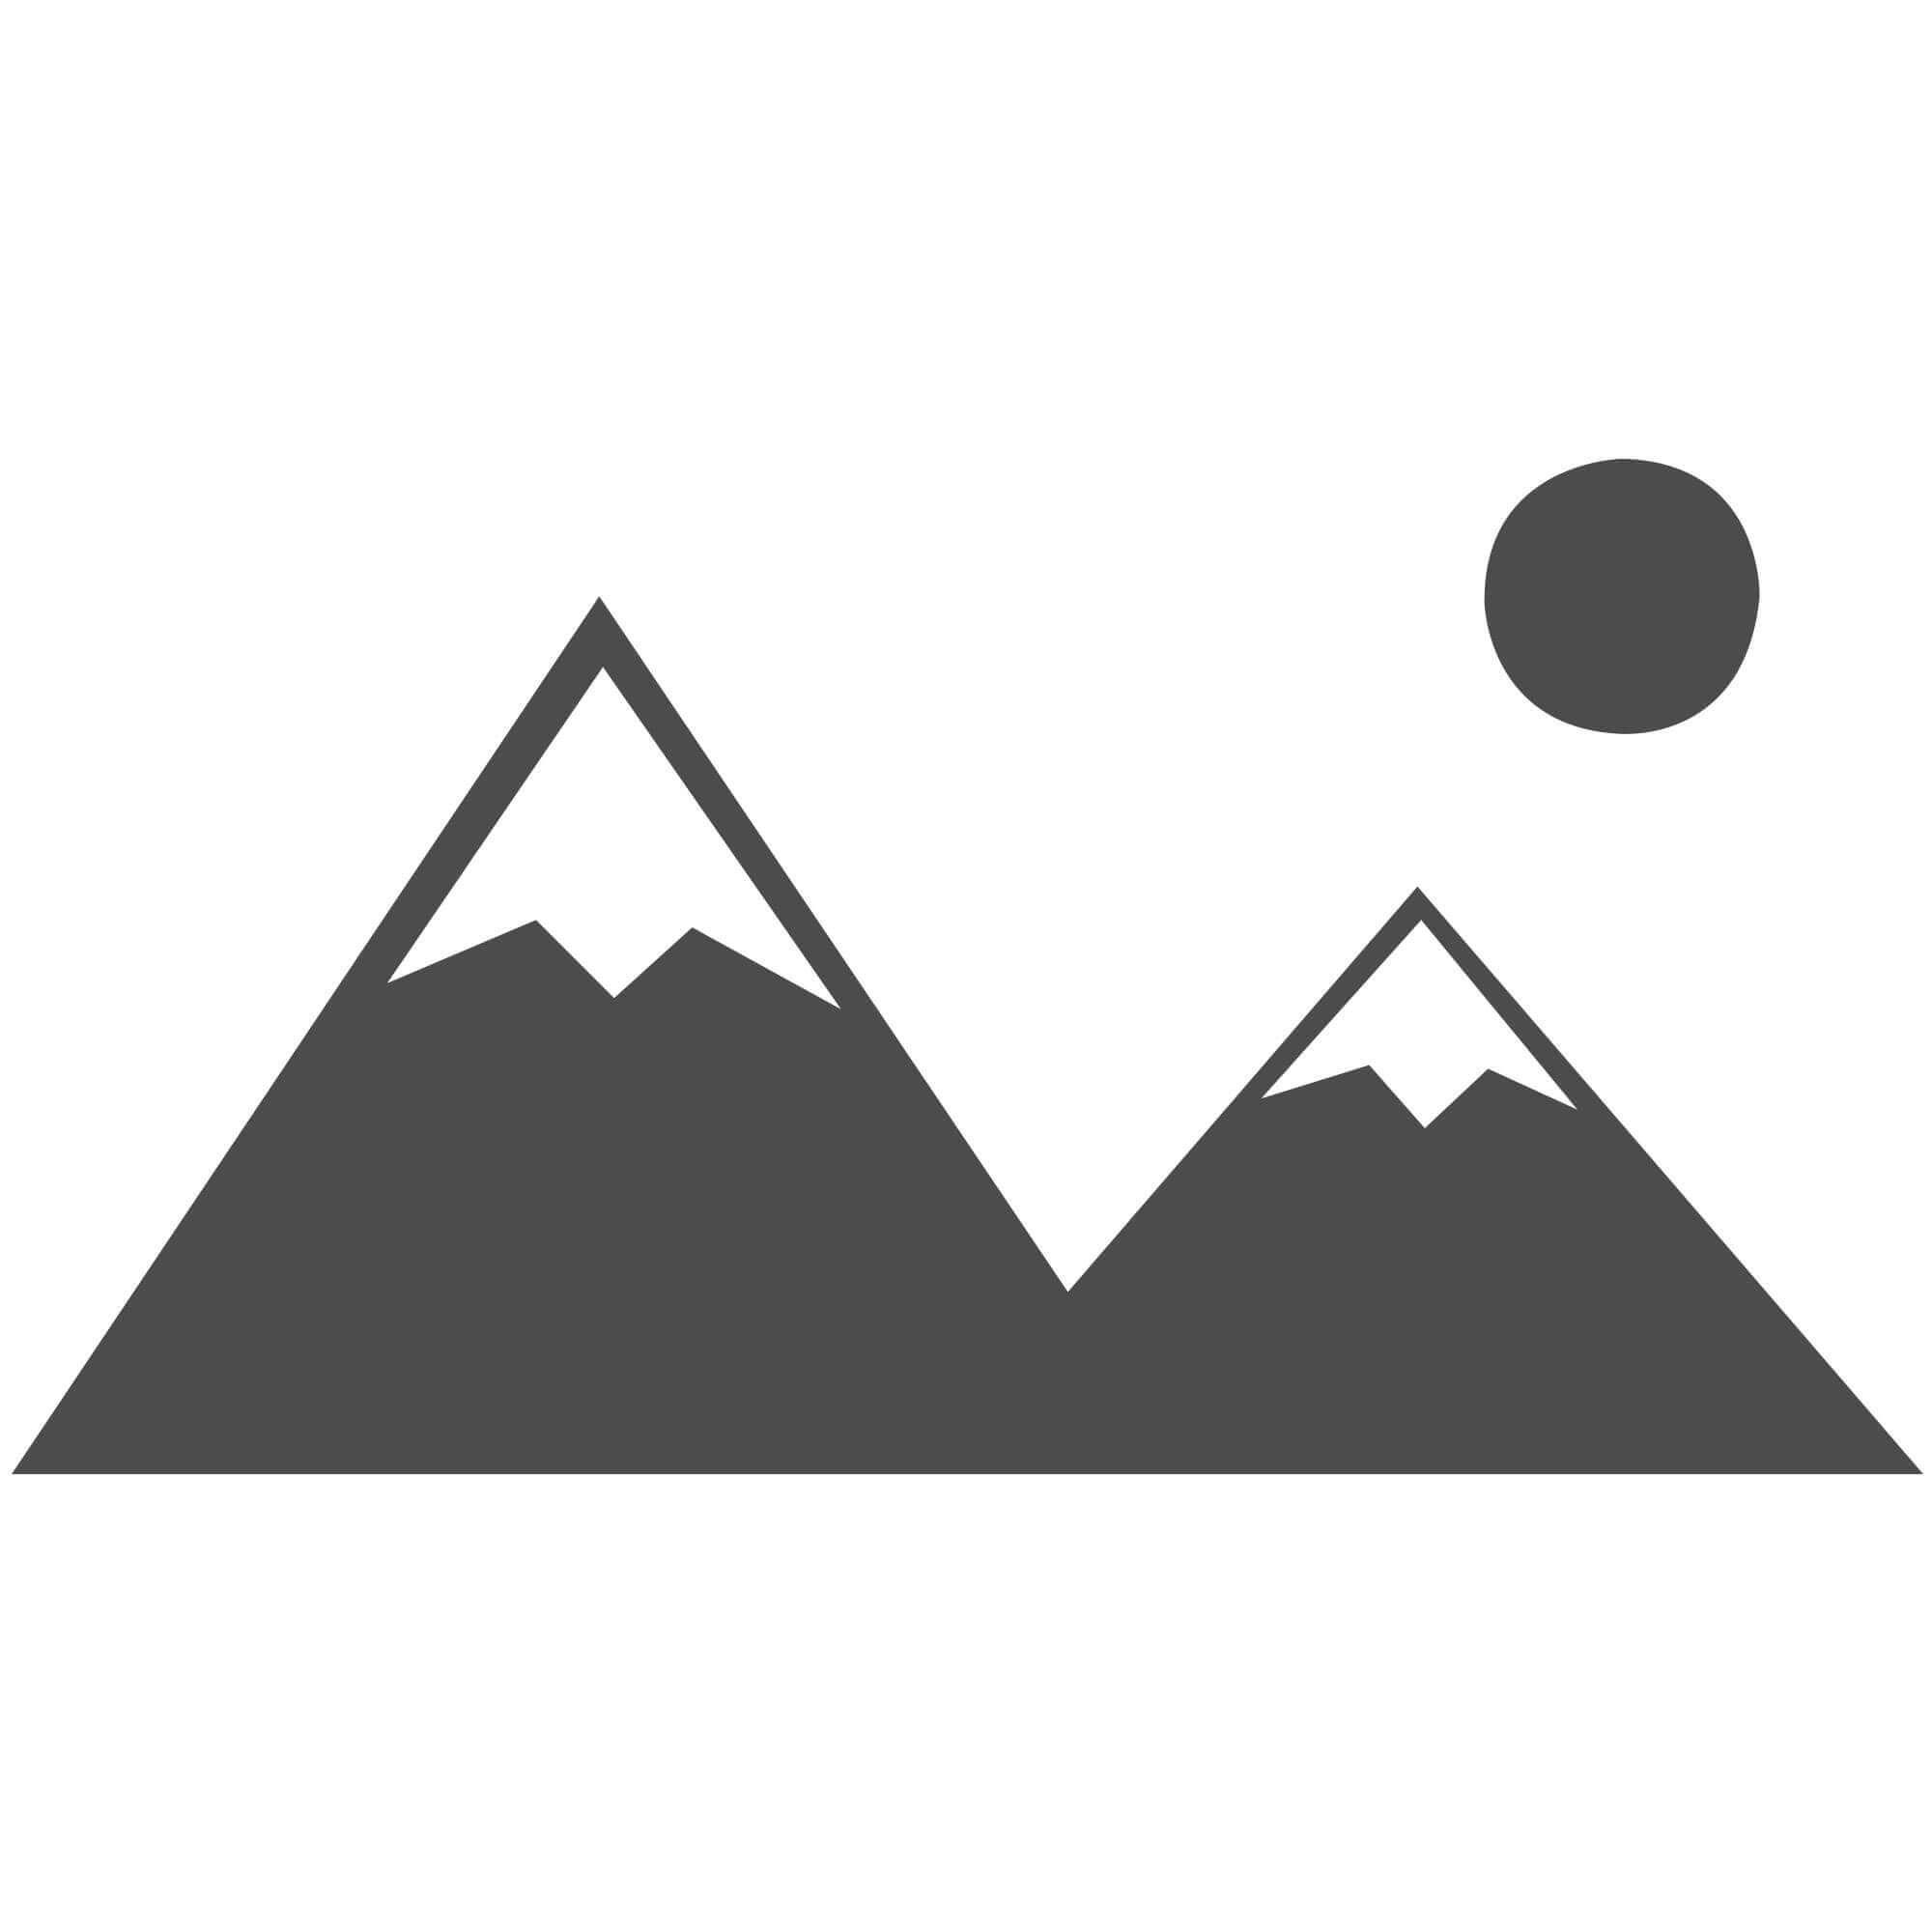 Galleria Rug - Squares 79244 4848 - Size Runner 67 x 230 cm